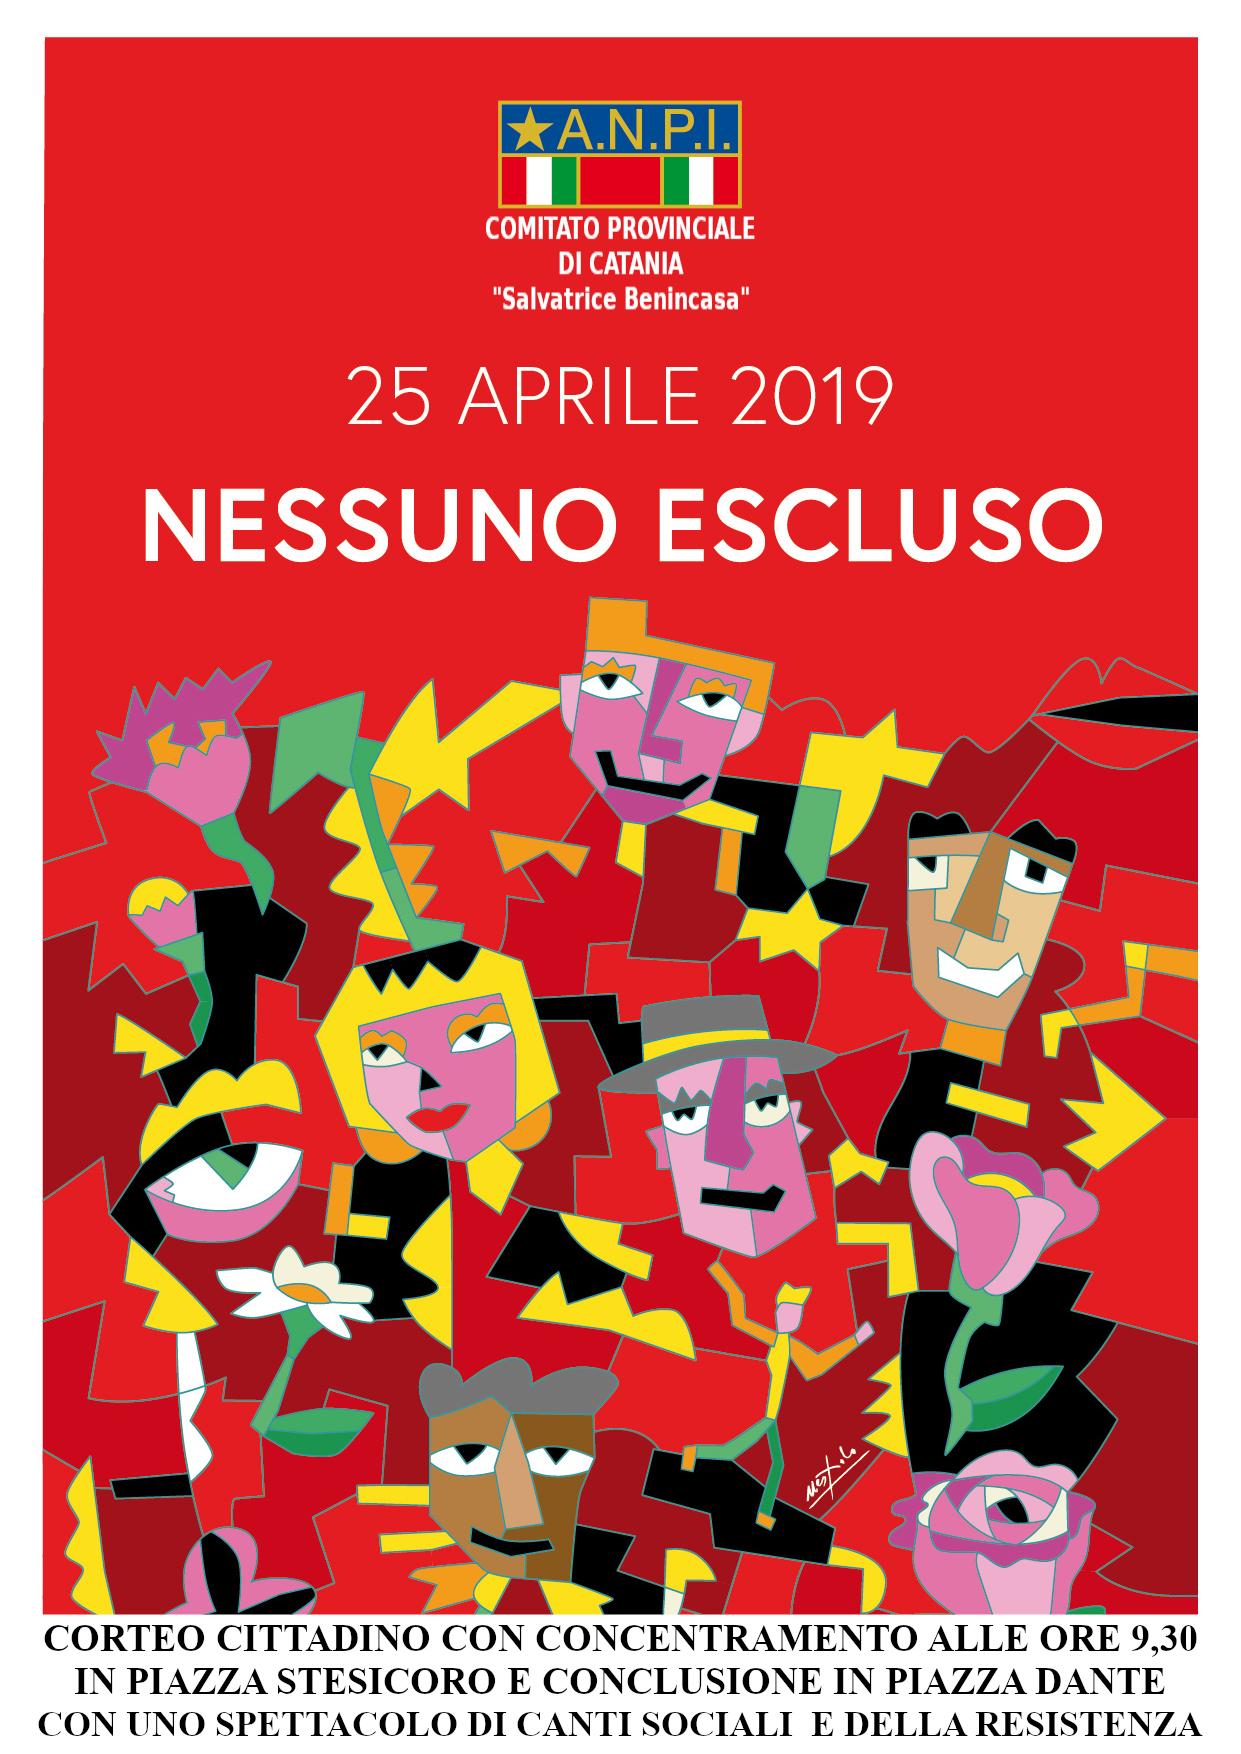 Locandina 25 aprile 2019